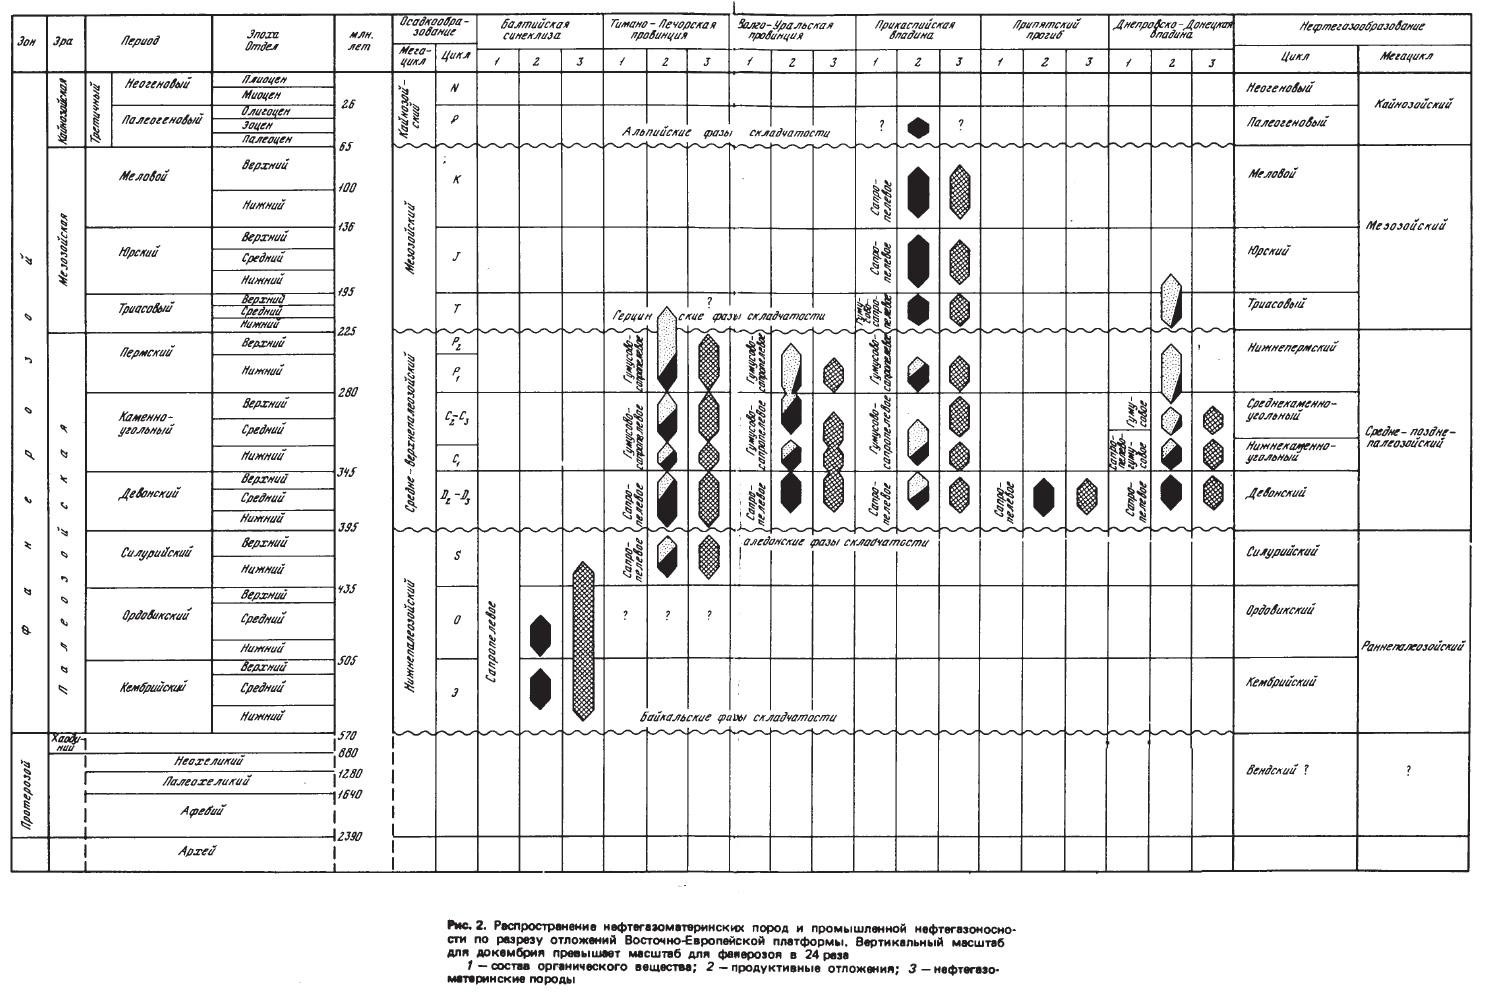 Рис. 2. Распространение нефтегеэоматеринских пород и промышленной нефтегазоносности